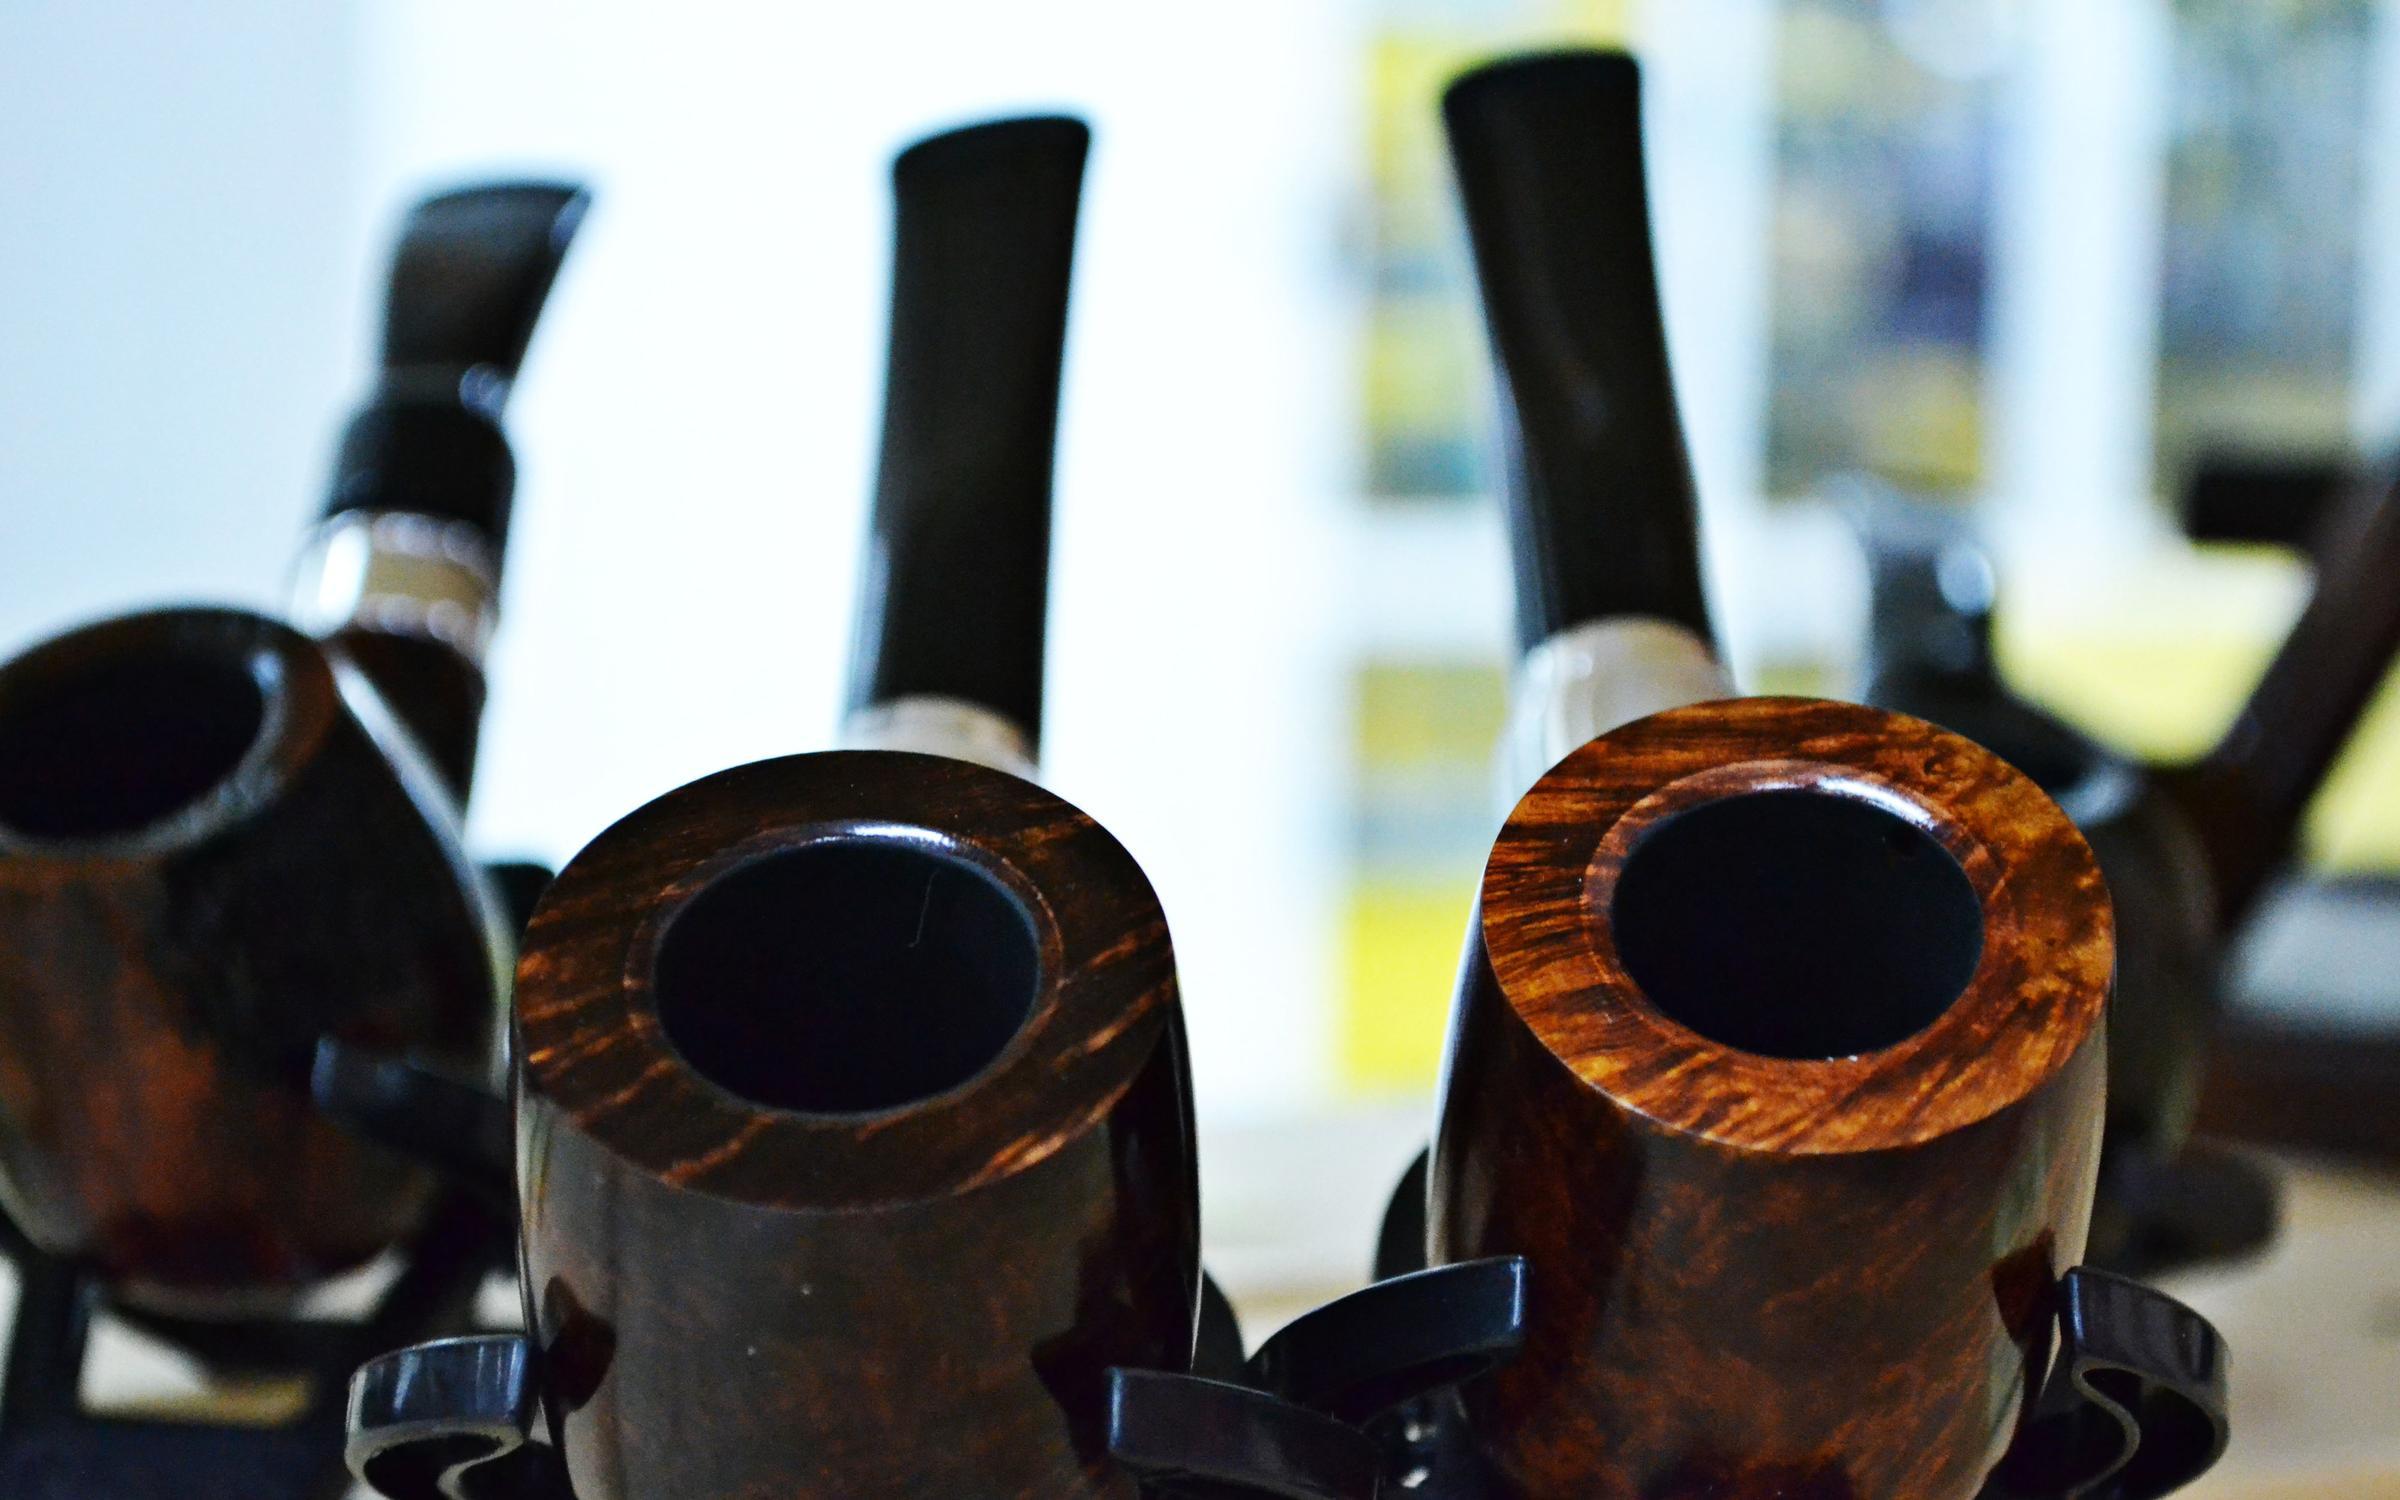 Табакерка в приютском магазин табачных изделий одноразовые сигареты hqd купить в омске